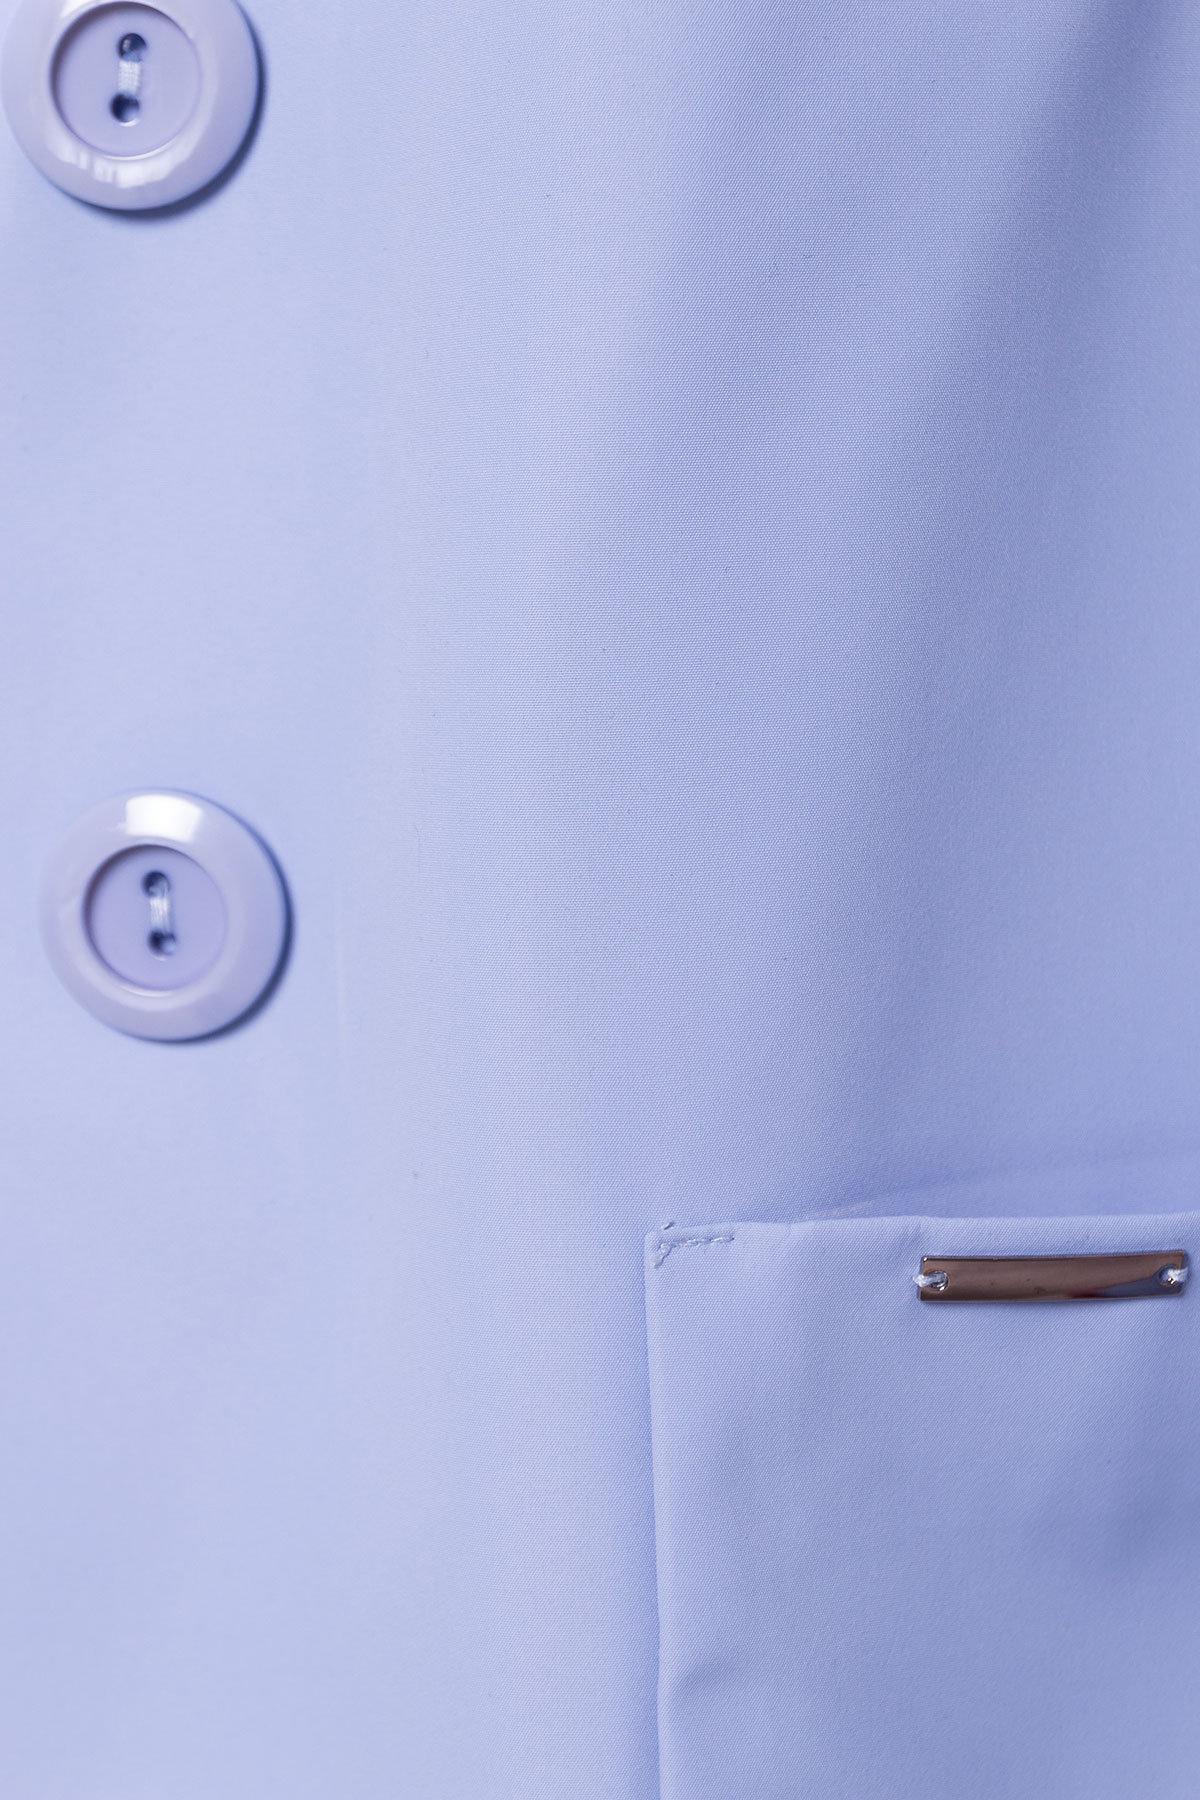 Плащ с накладными карманами Миссони 2087 АРТ. 13632 Цвет: Голубой - фото 6, интернет магазин tm-modus.ru